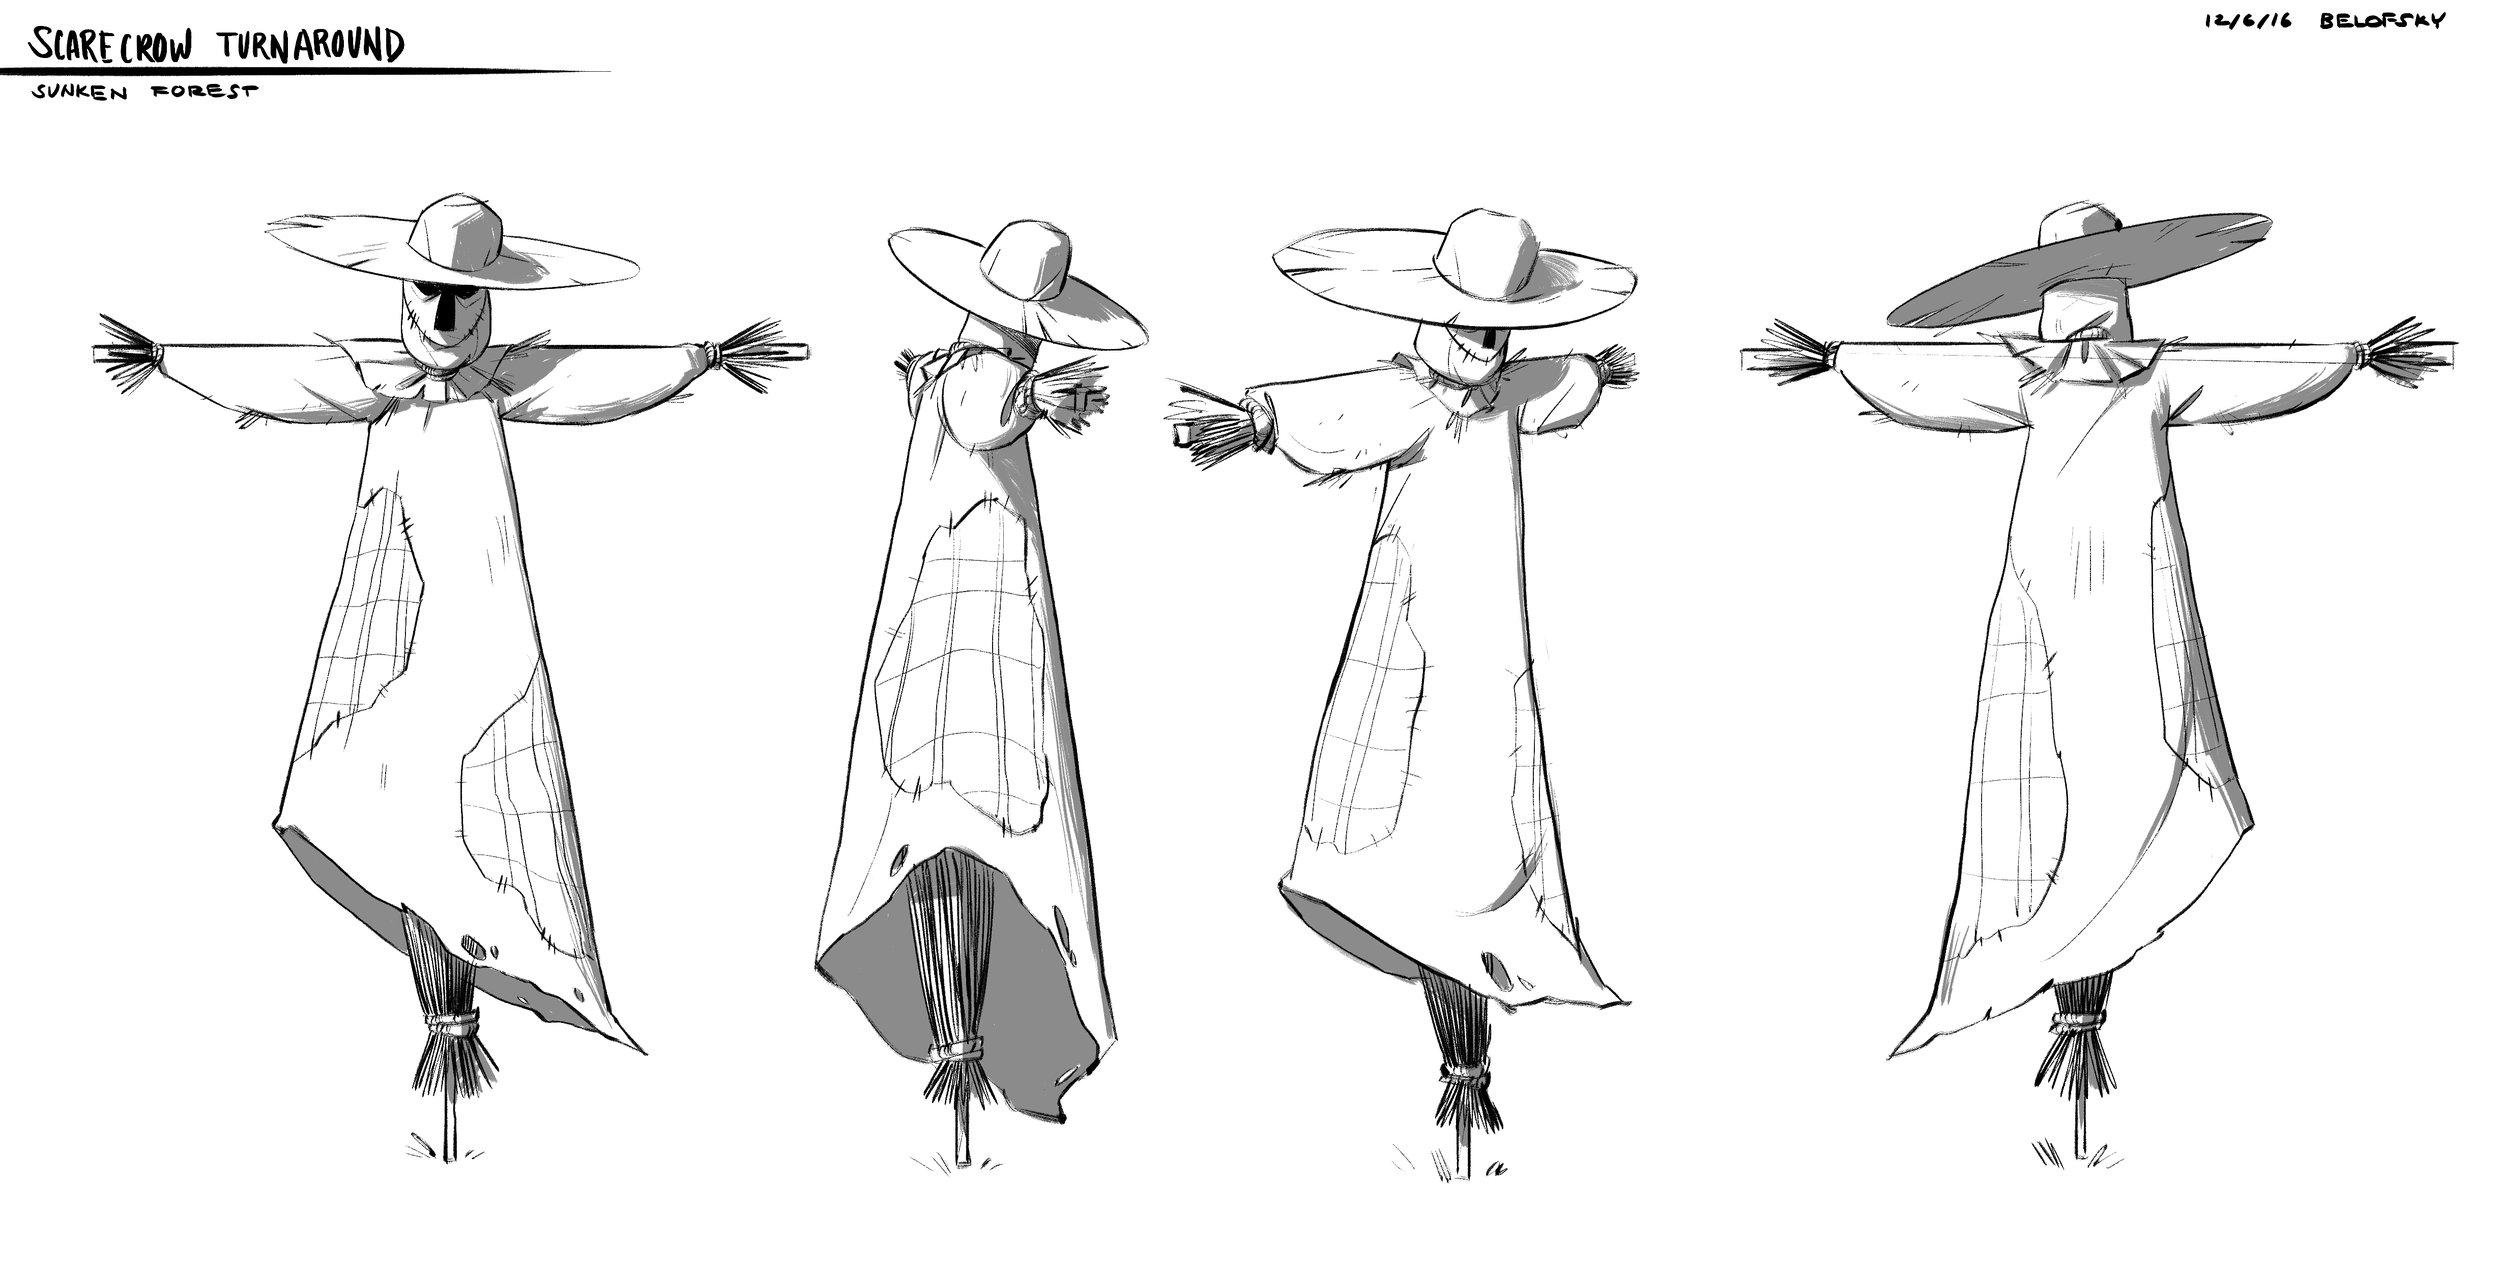 Scarecrow Turnaround.jpg